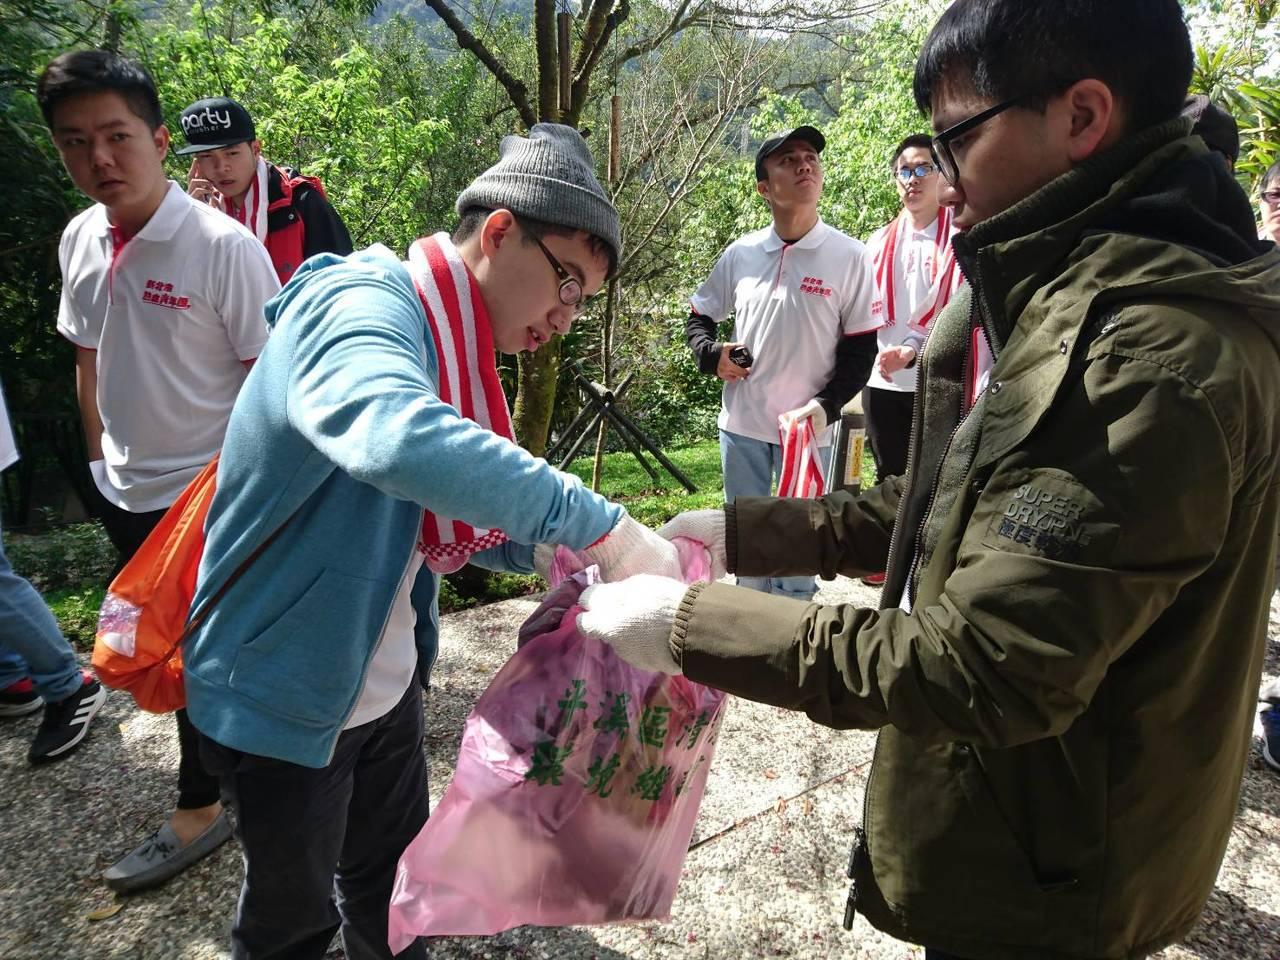 志工們昨天投入平溪地區山林,撿拾天燈節後山區留下的垃圾,還給山區乾淨面貌。圖/新...